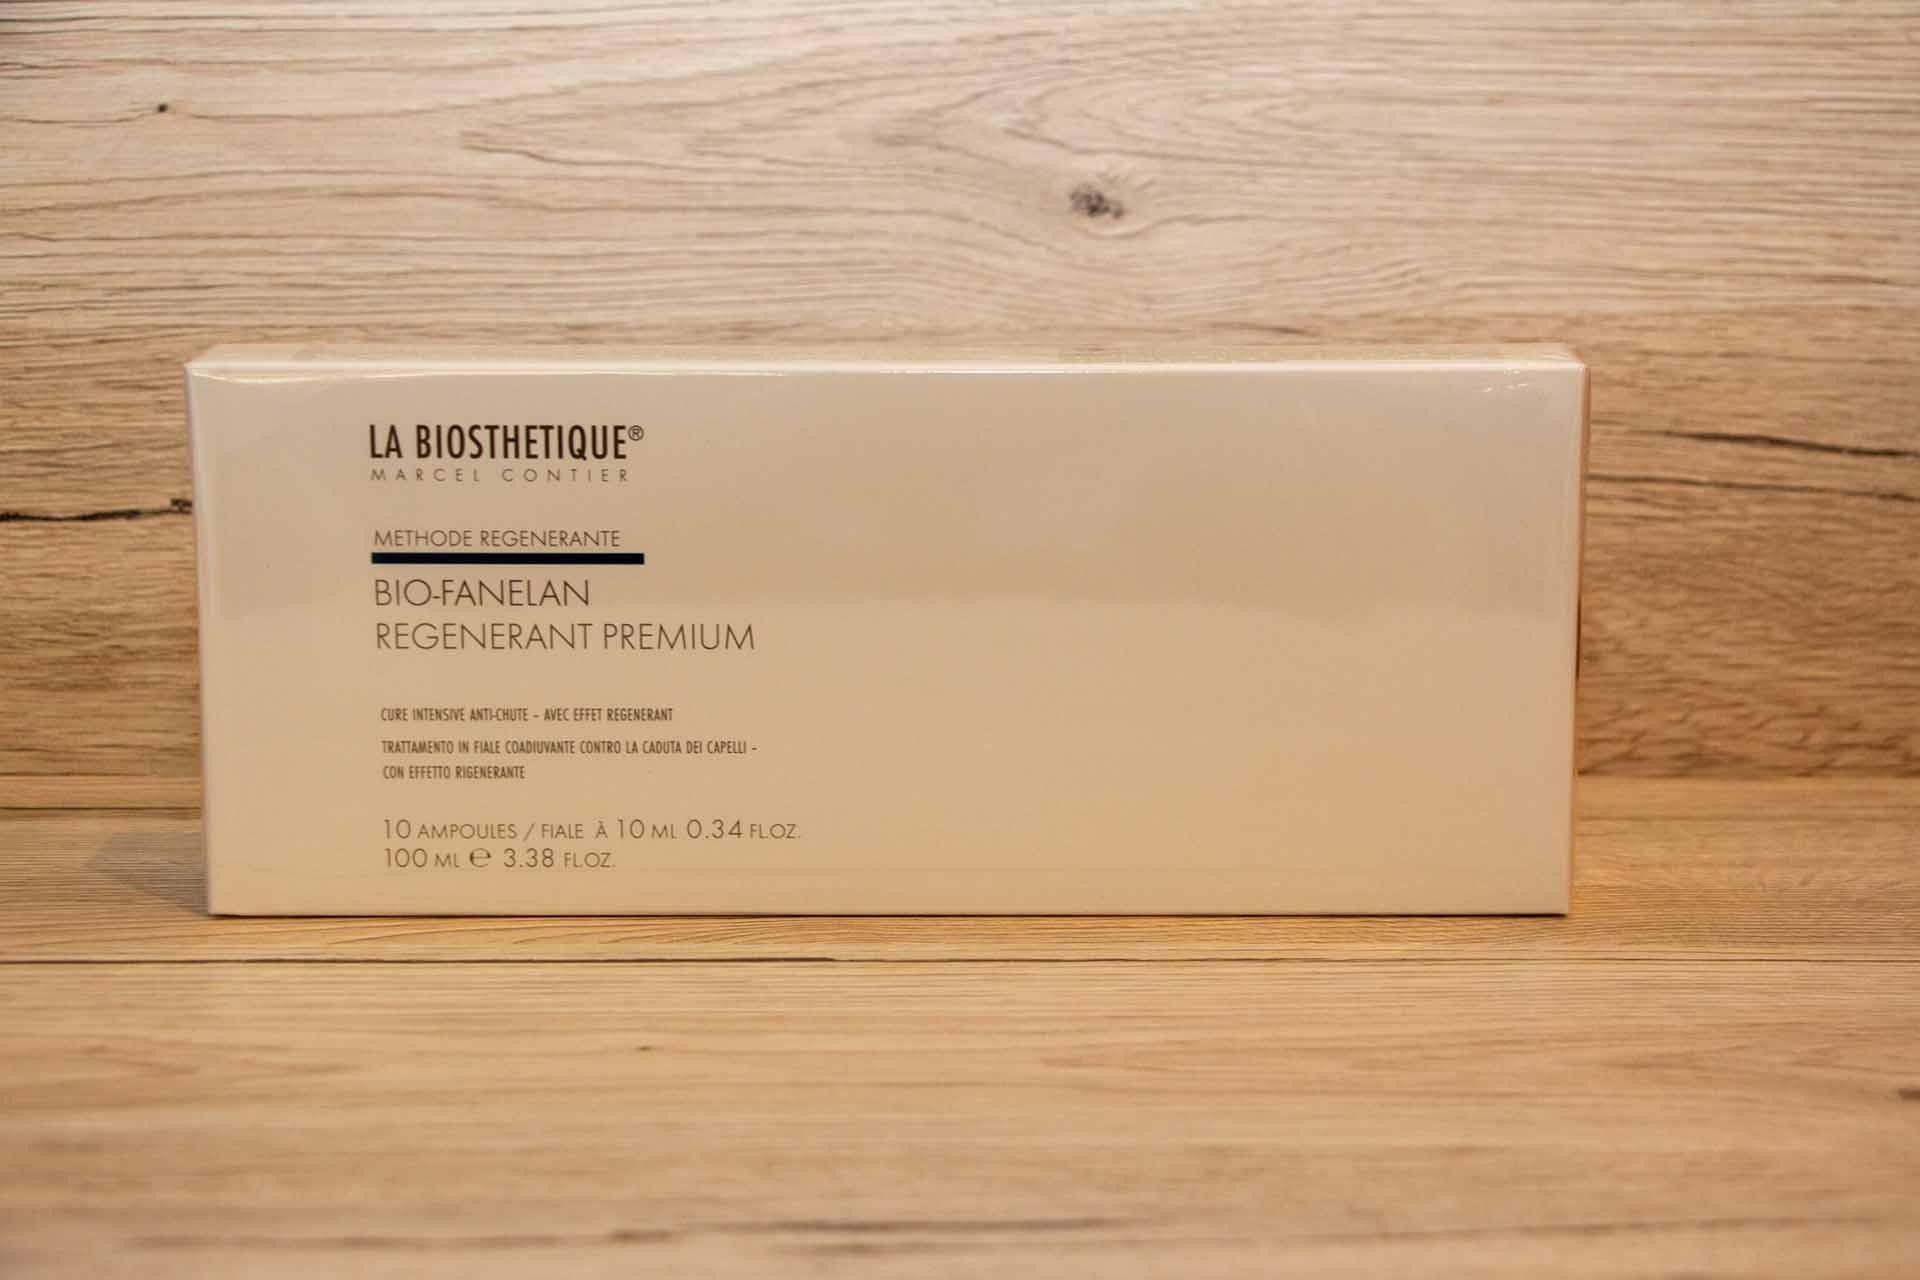 Prodotti La Biosthetique, Bio-Fanelan-Regenerant-Premium, kit trattamento per capelli. Diego Staff Parrucchieri Spinea